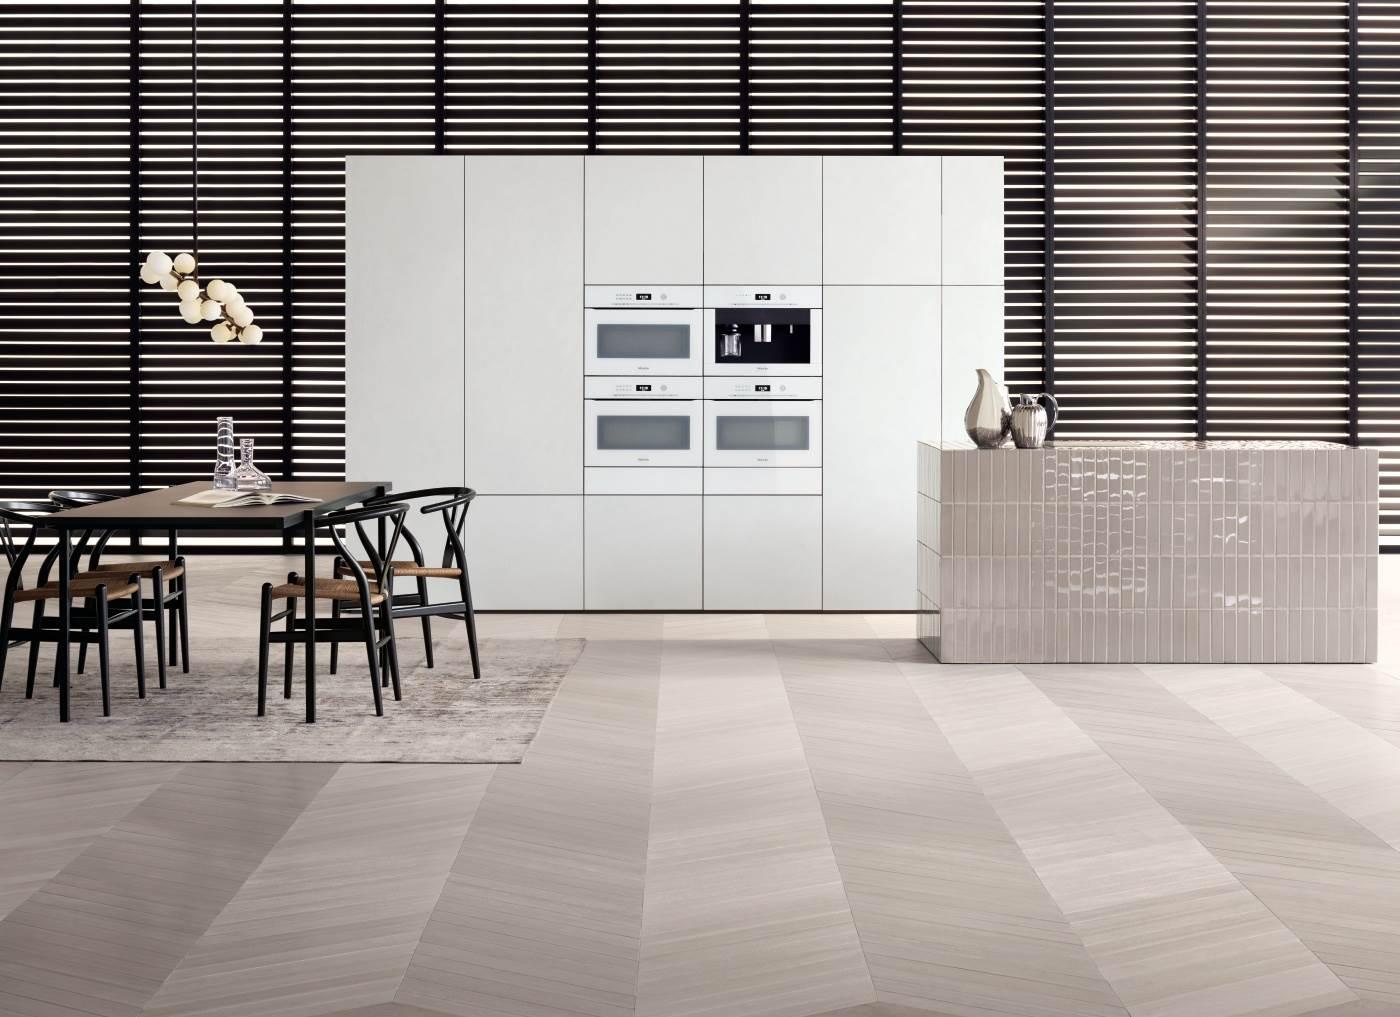 Witte keuken met witte Miele (stoom) ovens en koffiemachine